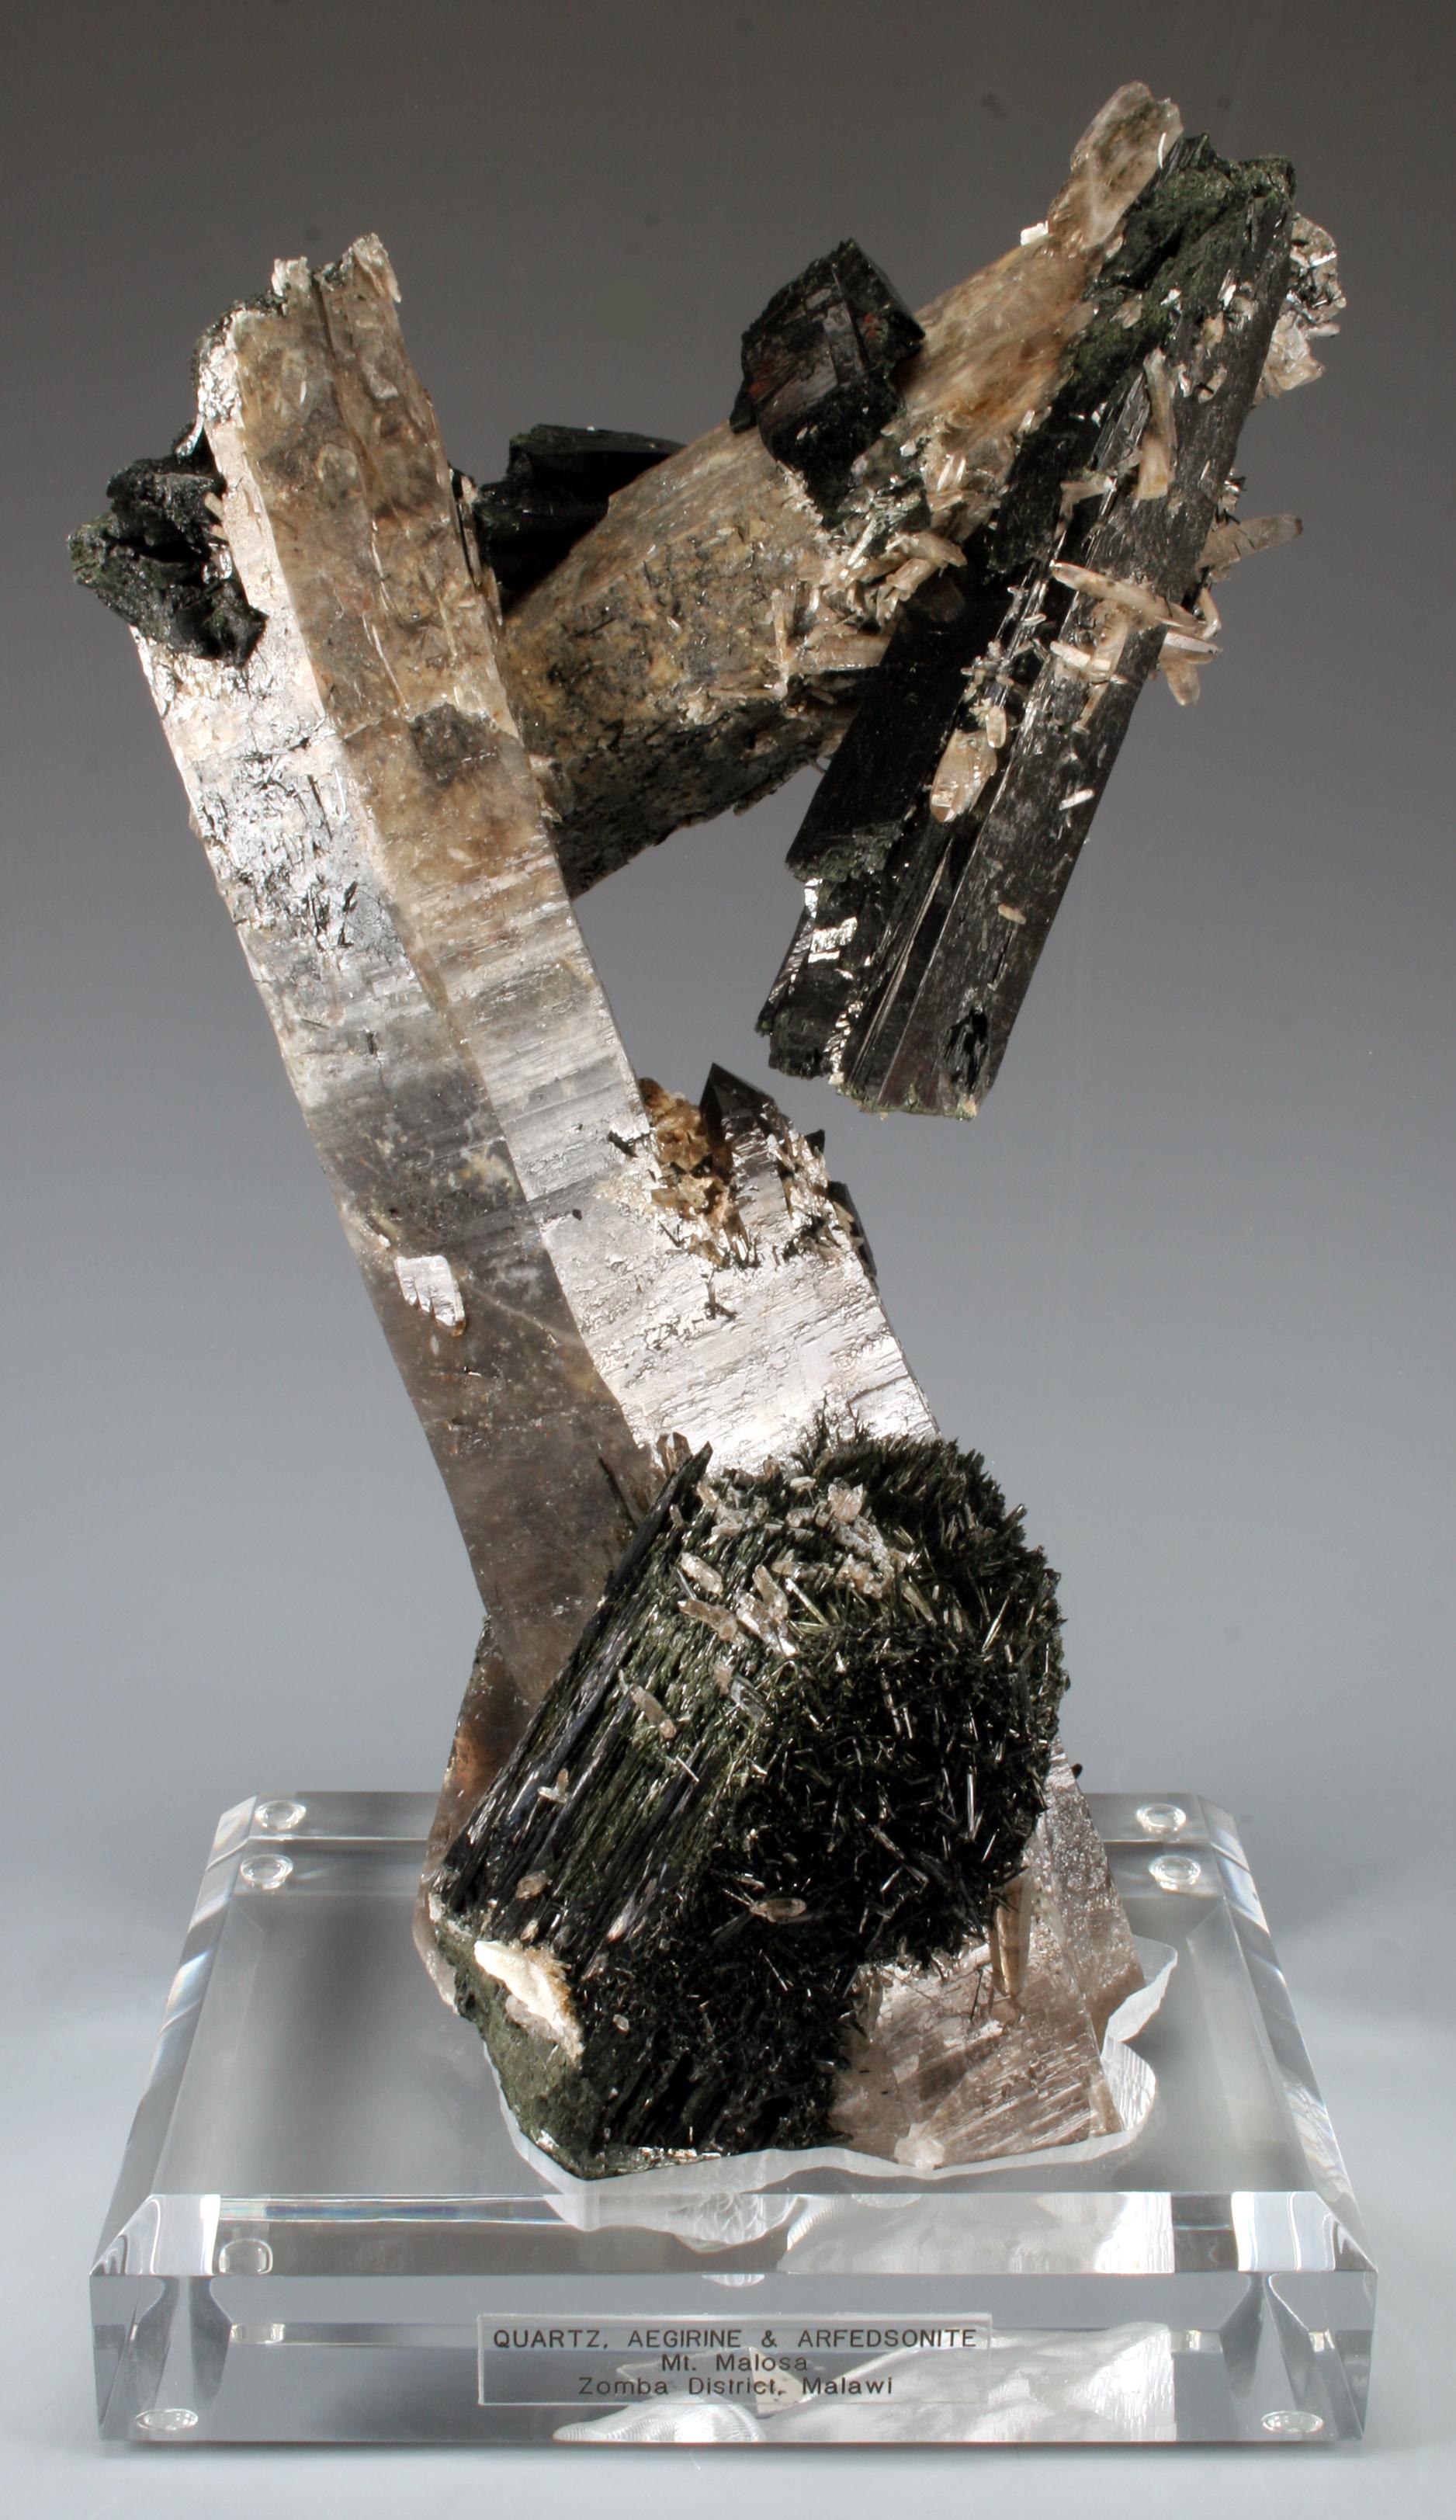 Quartz/Arfedsonite/Aegirine